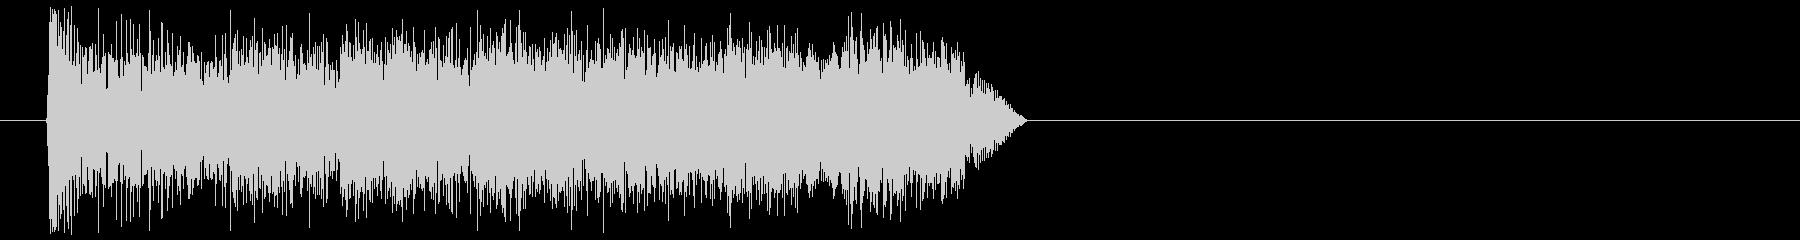 コミカル上昇の未再生の波形